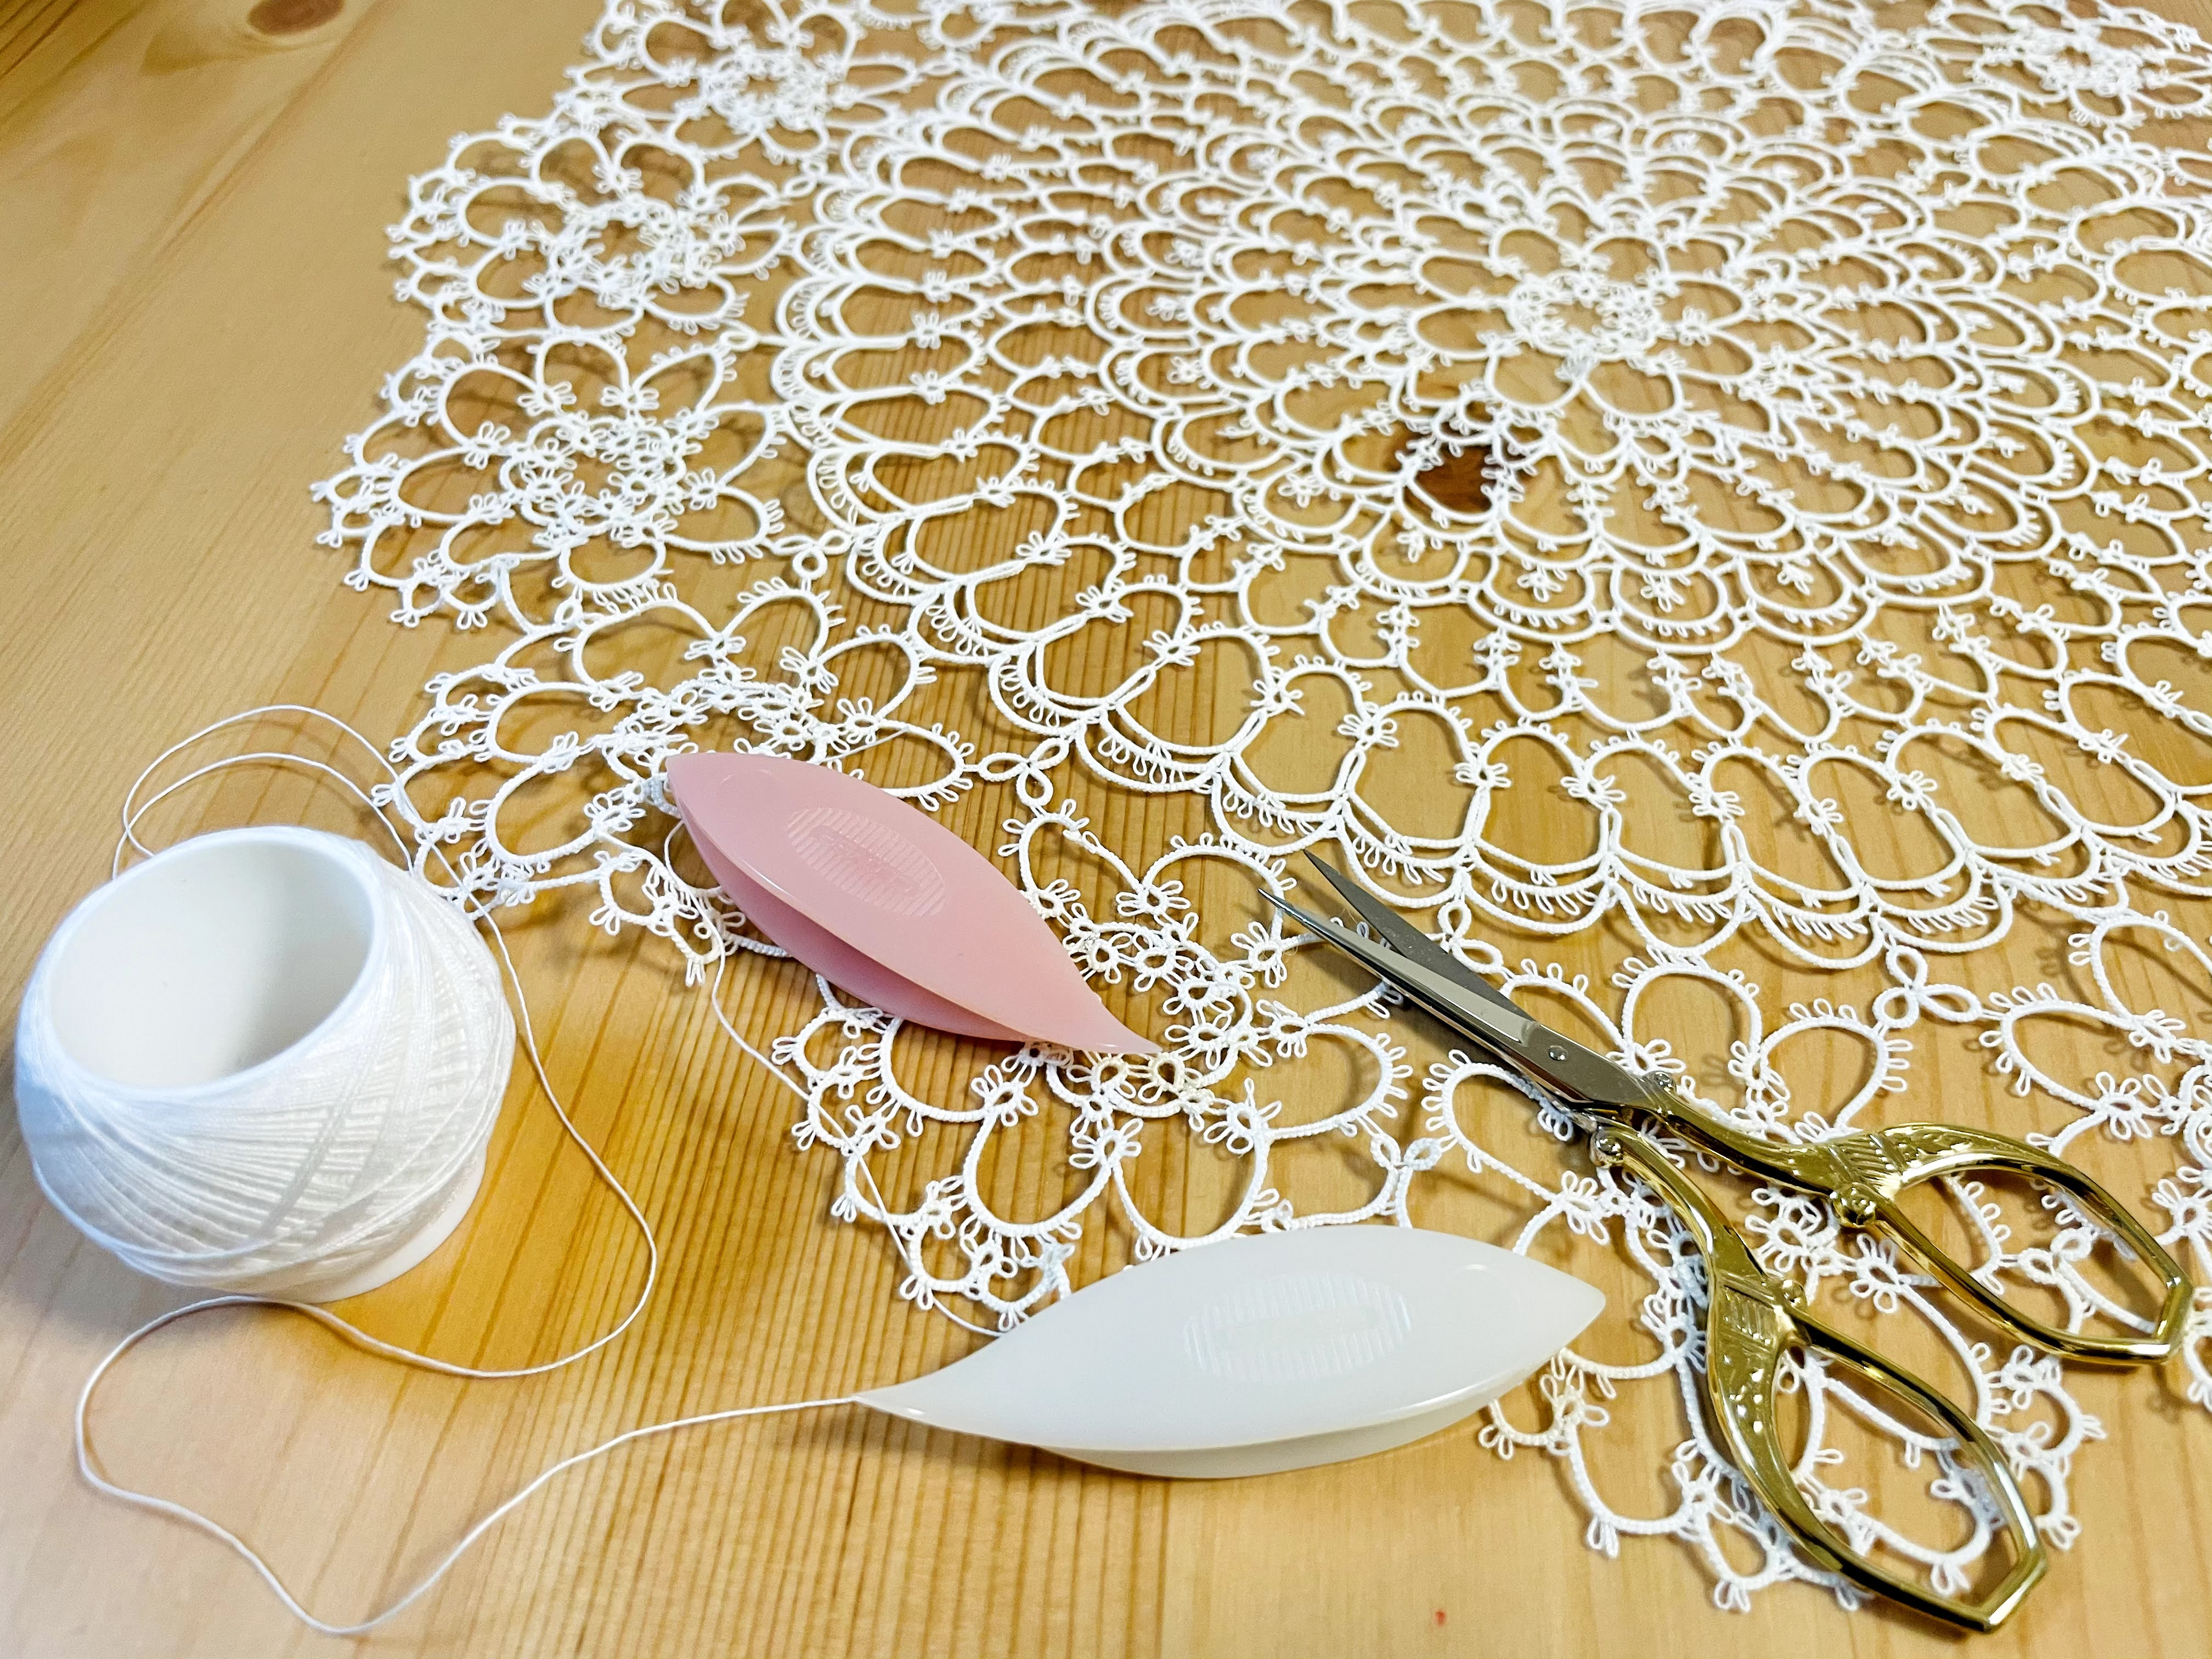 おうち時間で始めたい!タティングレースの魅力と基本の編み方!